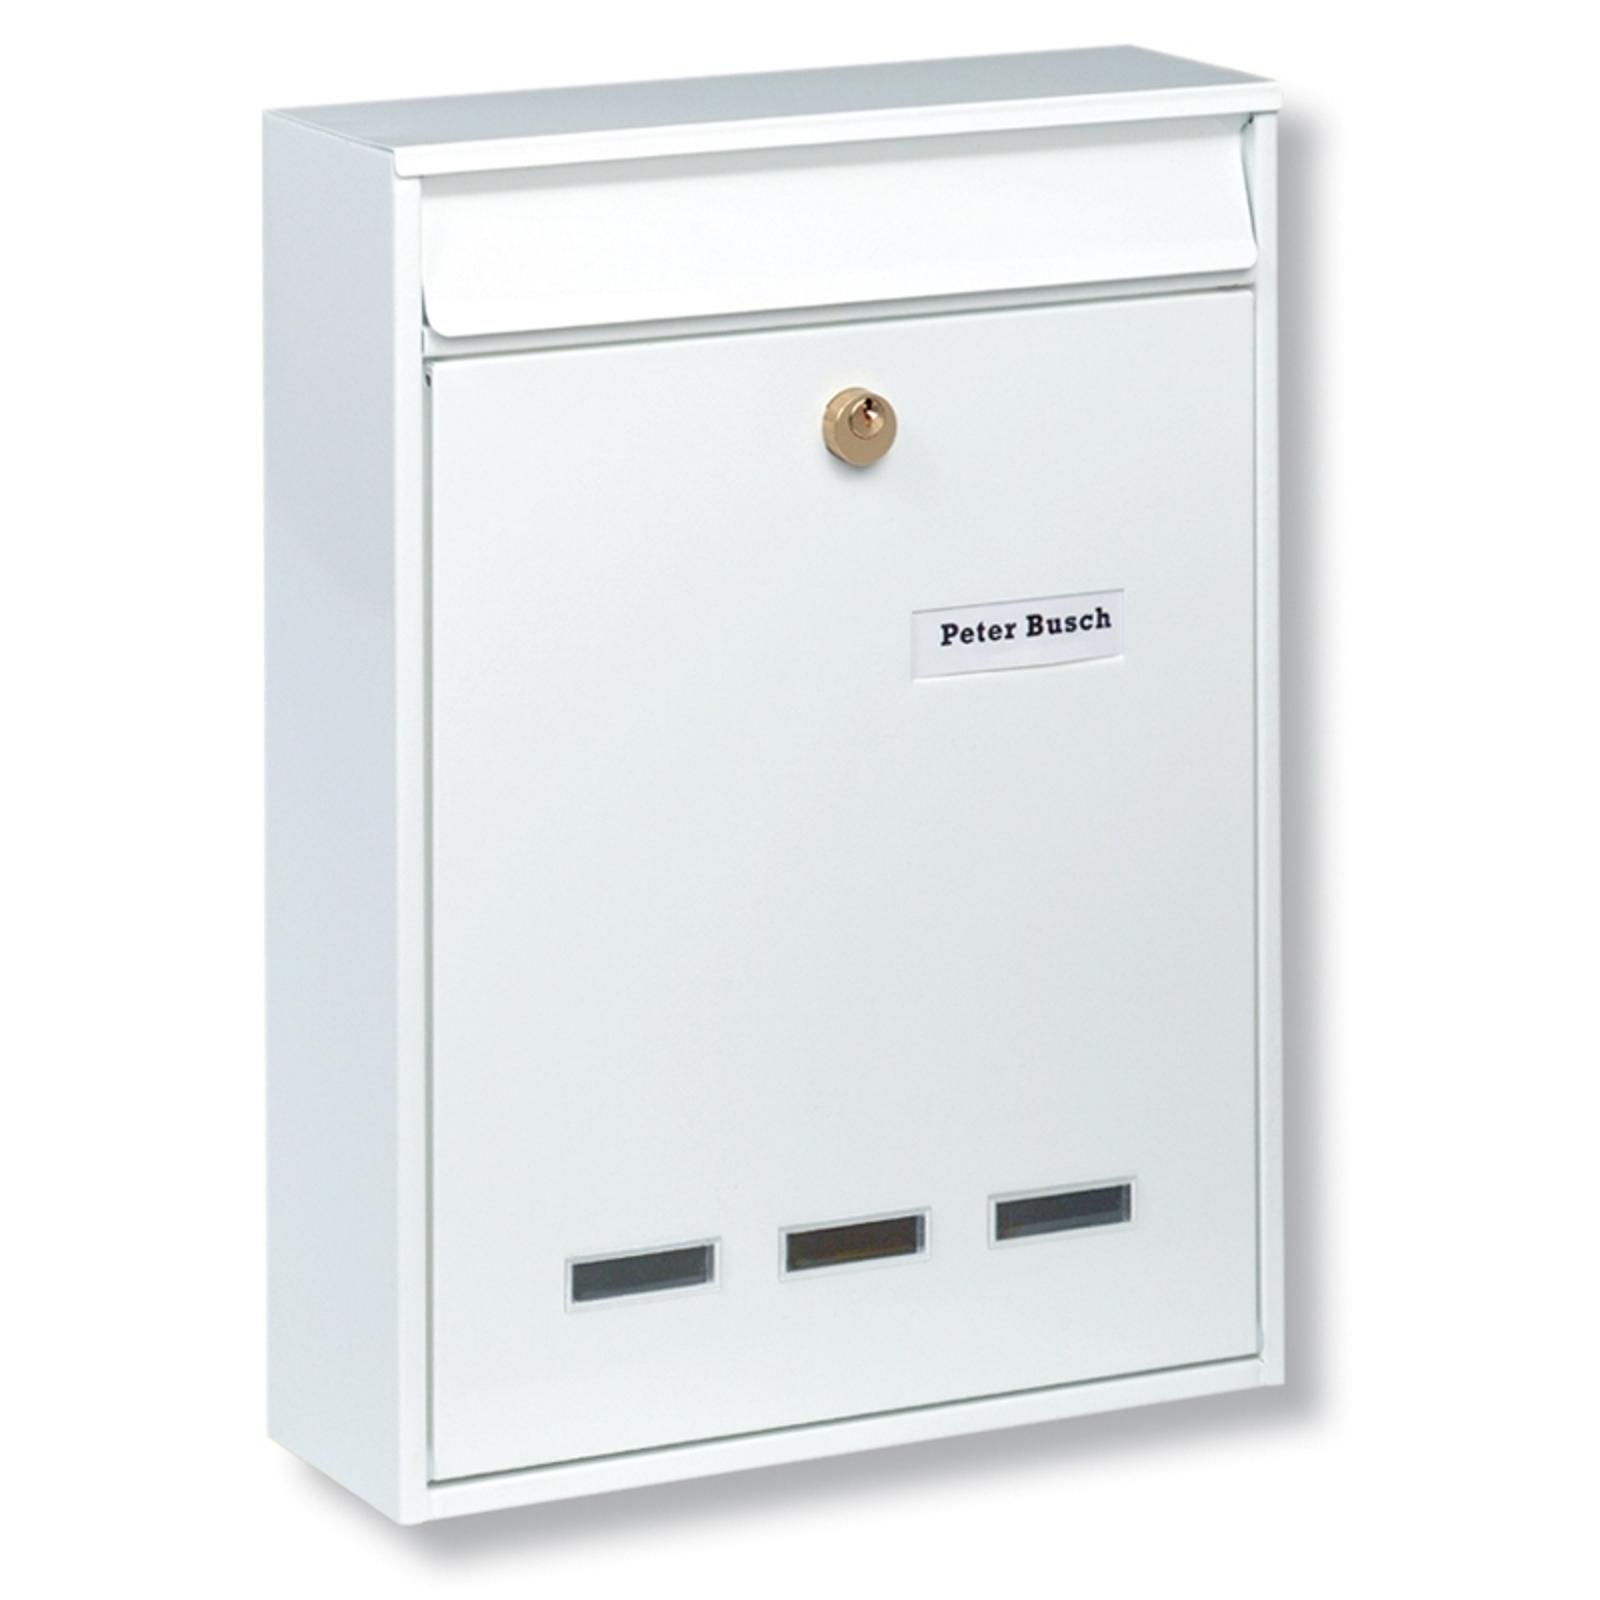 KÖLN anlægspostkasse, DIN A4-format, hvid